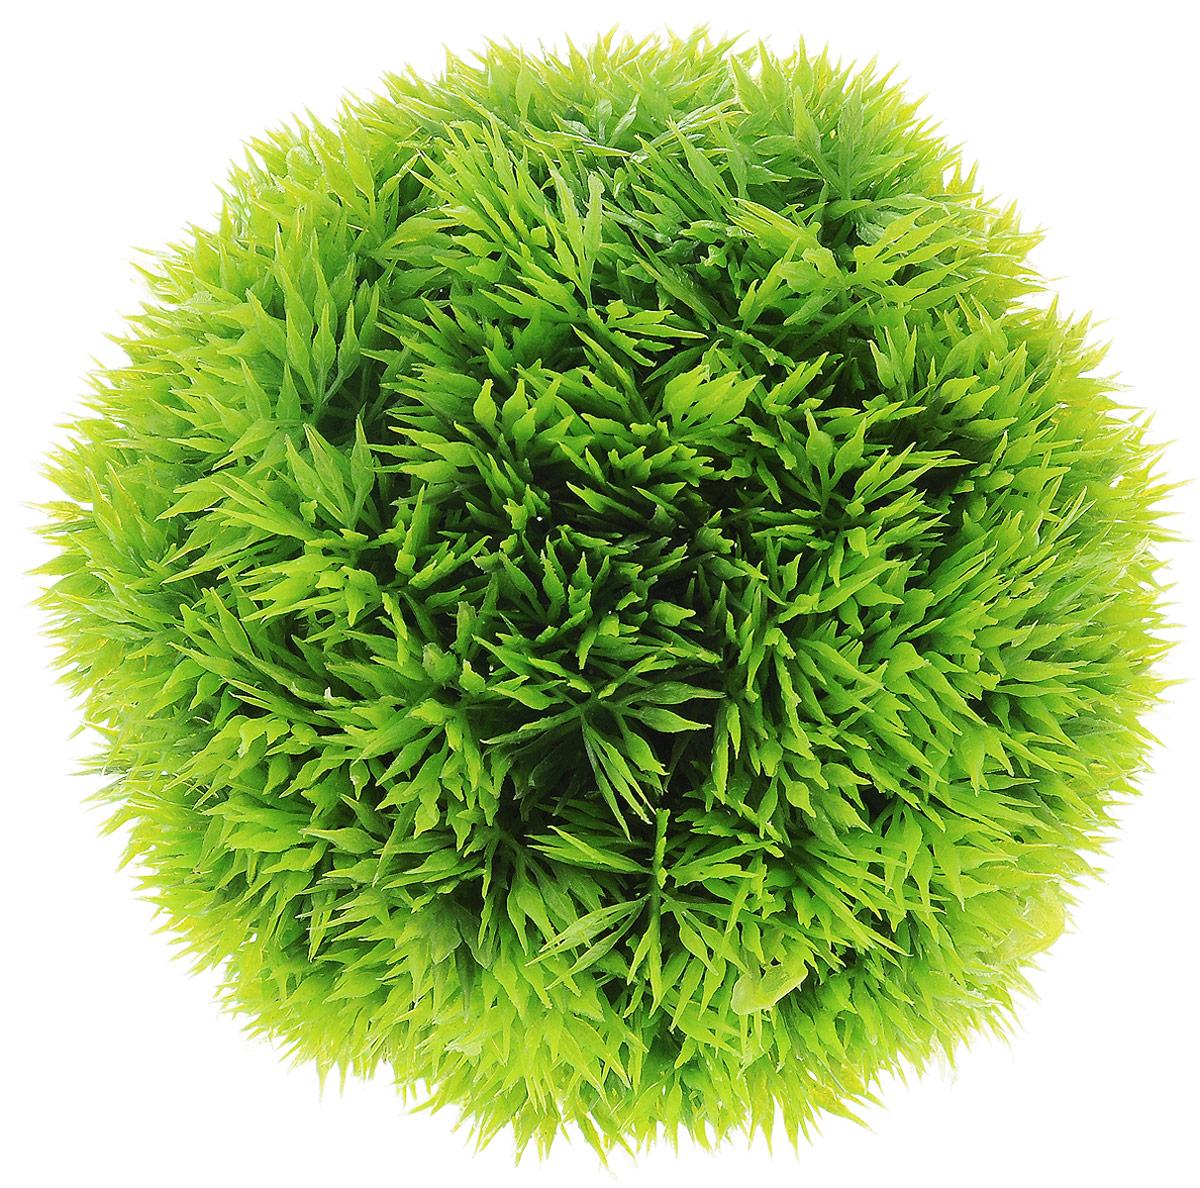 Растение для аквариума Barbus Шар, пластиковое, диаметр 12 см0120710Растение для аквариума Barbus Шар, выполненное из высококачественного нетоксичного пластика, является идеальным укрытием для мальков и станет прекрасным украшением вашего аквариума. Пластиковое растение идеально подходит для дизайна всех видов аквариумов. В воде происходит абсолютная имитация живых растений. Изделие не требует дополнительного ухода и просто в применении. Растение абсолютно безопасно, нейтрально к водному балансу, устойчиво к истиранию краски, подходит как для пресноводного, так и для морского аквариума. Растение для аквариума Barbus Шар поможет вам смоделировать потрясающий пейзаж на дне вашего аквариума или террариума.